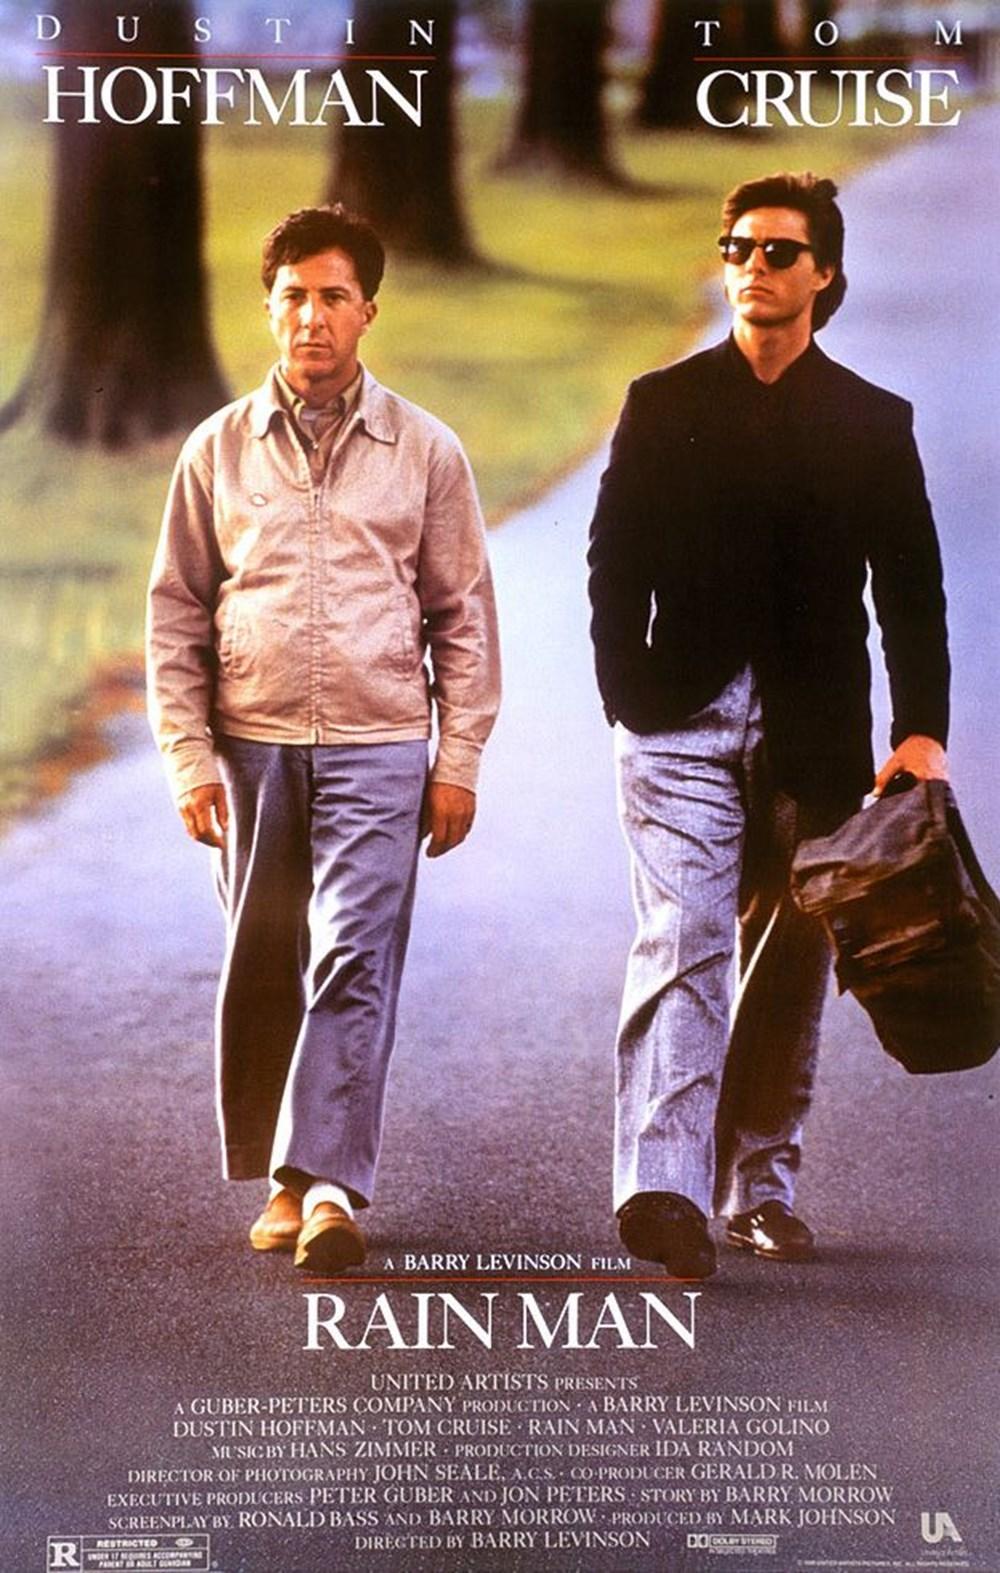 93. Oscar Ödülleri sonrası bugüne kadar ödül alan en iyi filmler - 62